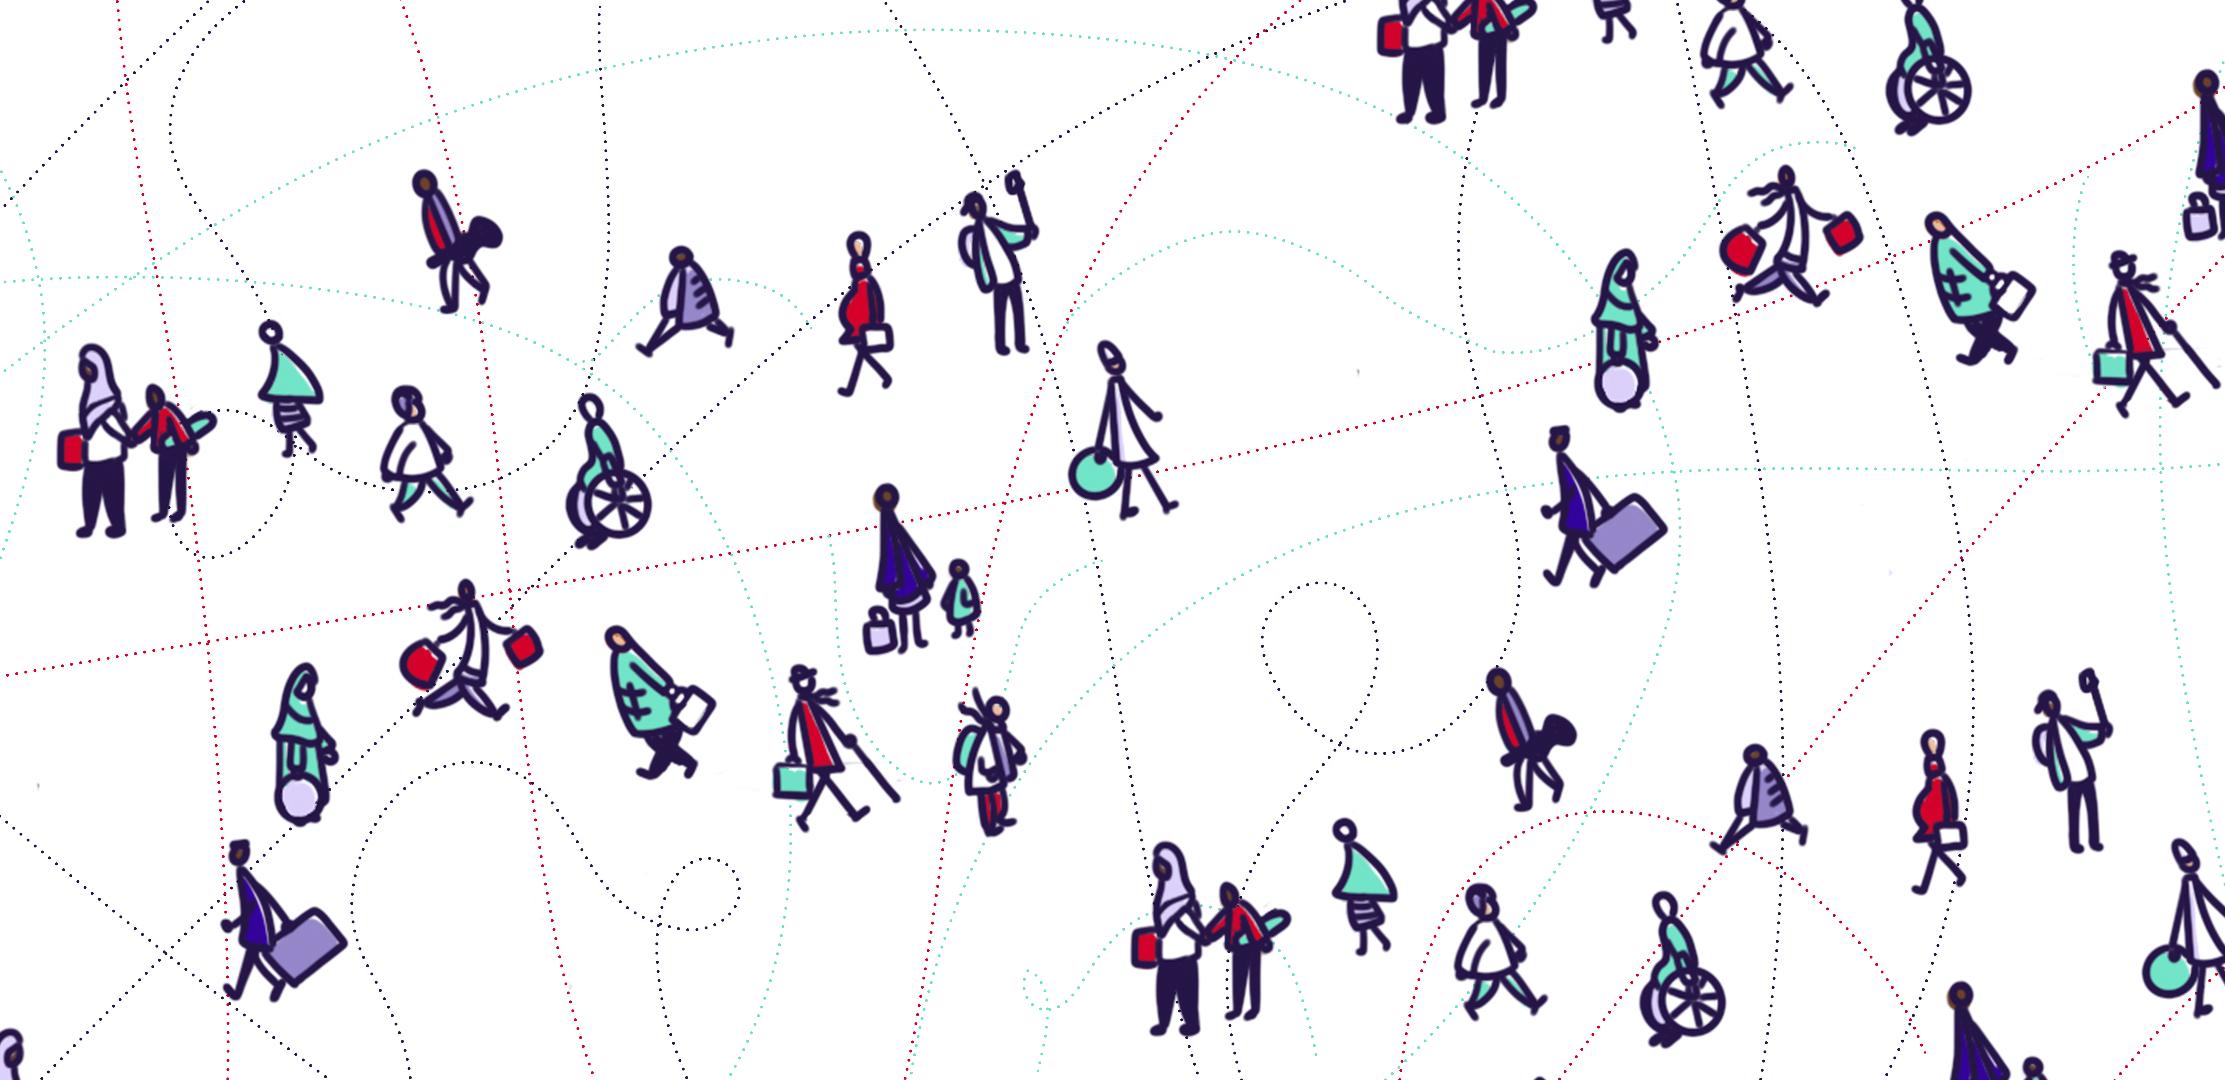 Des personnes dessinées en bonhommes allumettes, se promenant et portant divers types de vêtements de différentes couleurs.